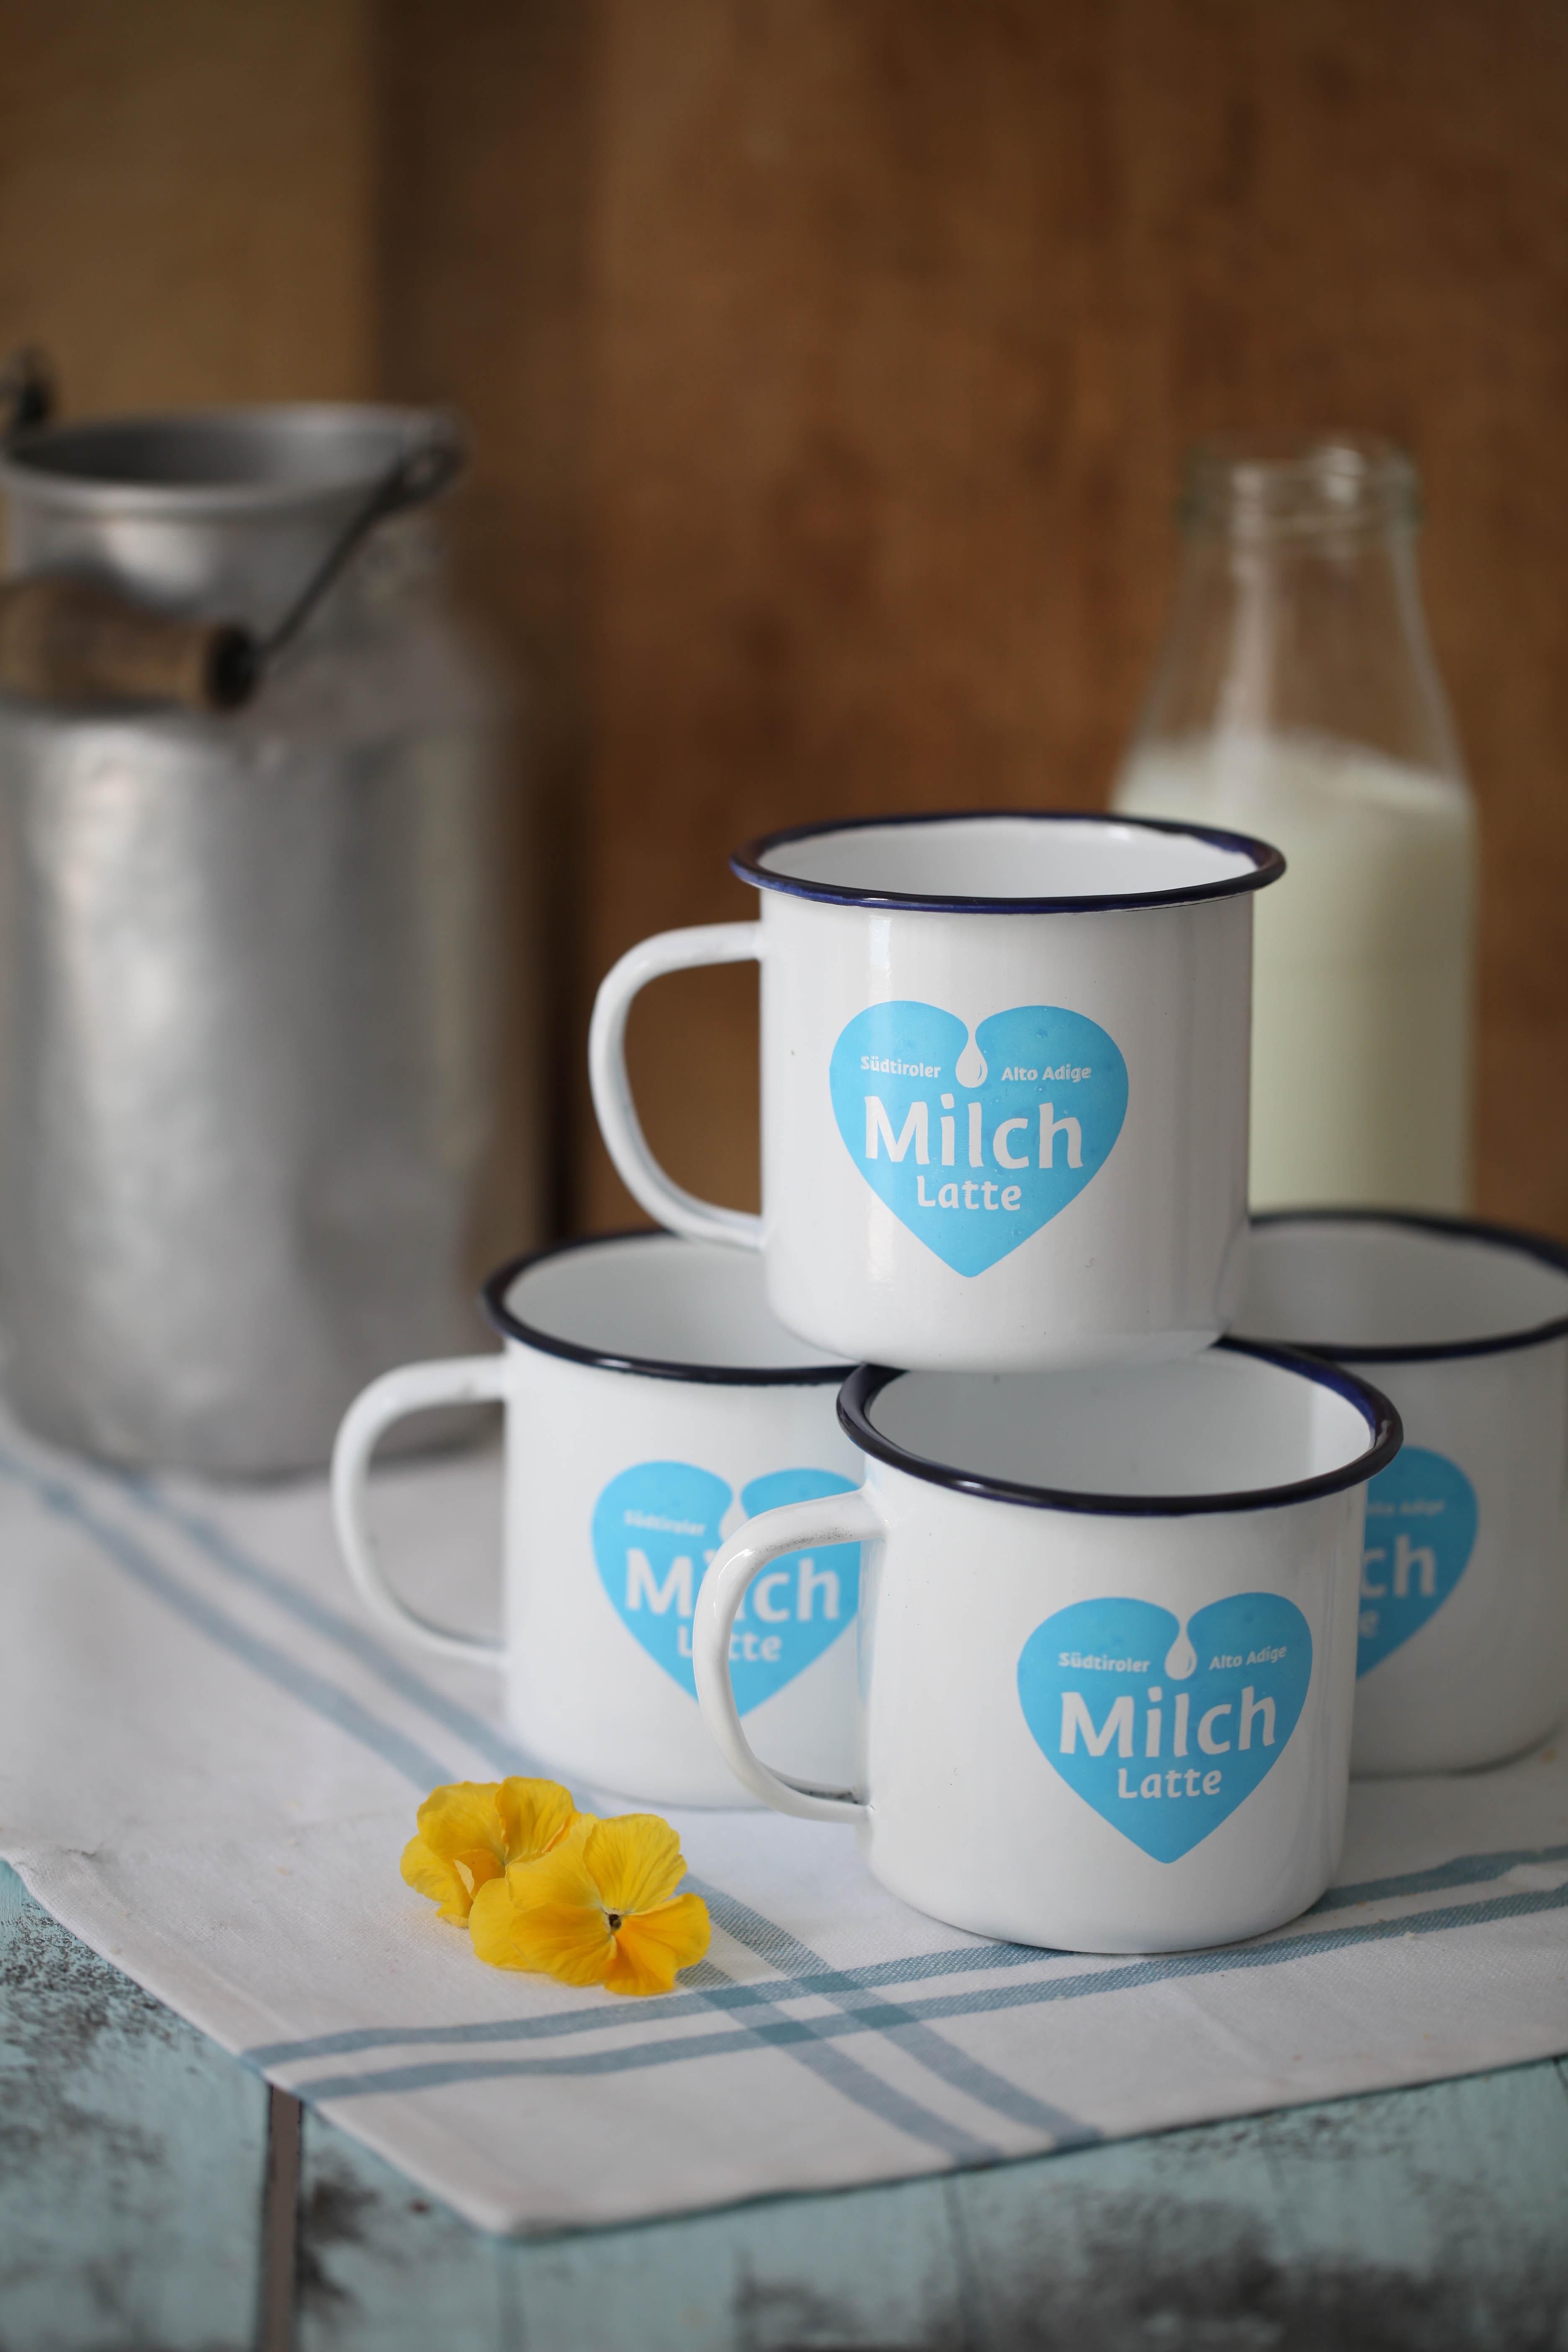 Emaille Tasse Südtiroler Milch Genussfestival Zuckerzimtundliebe